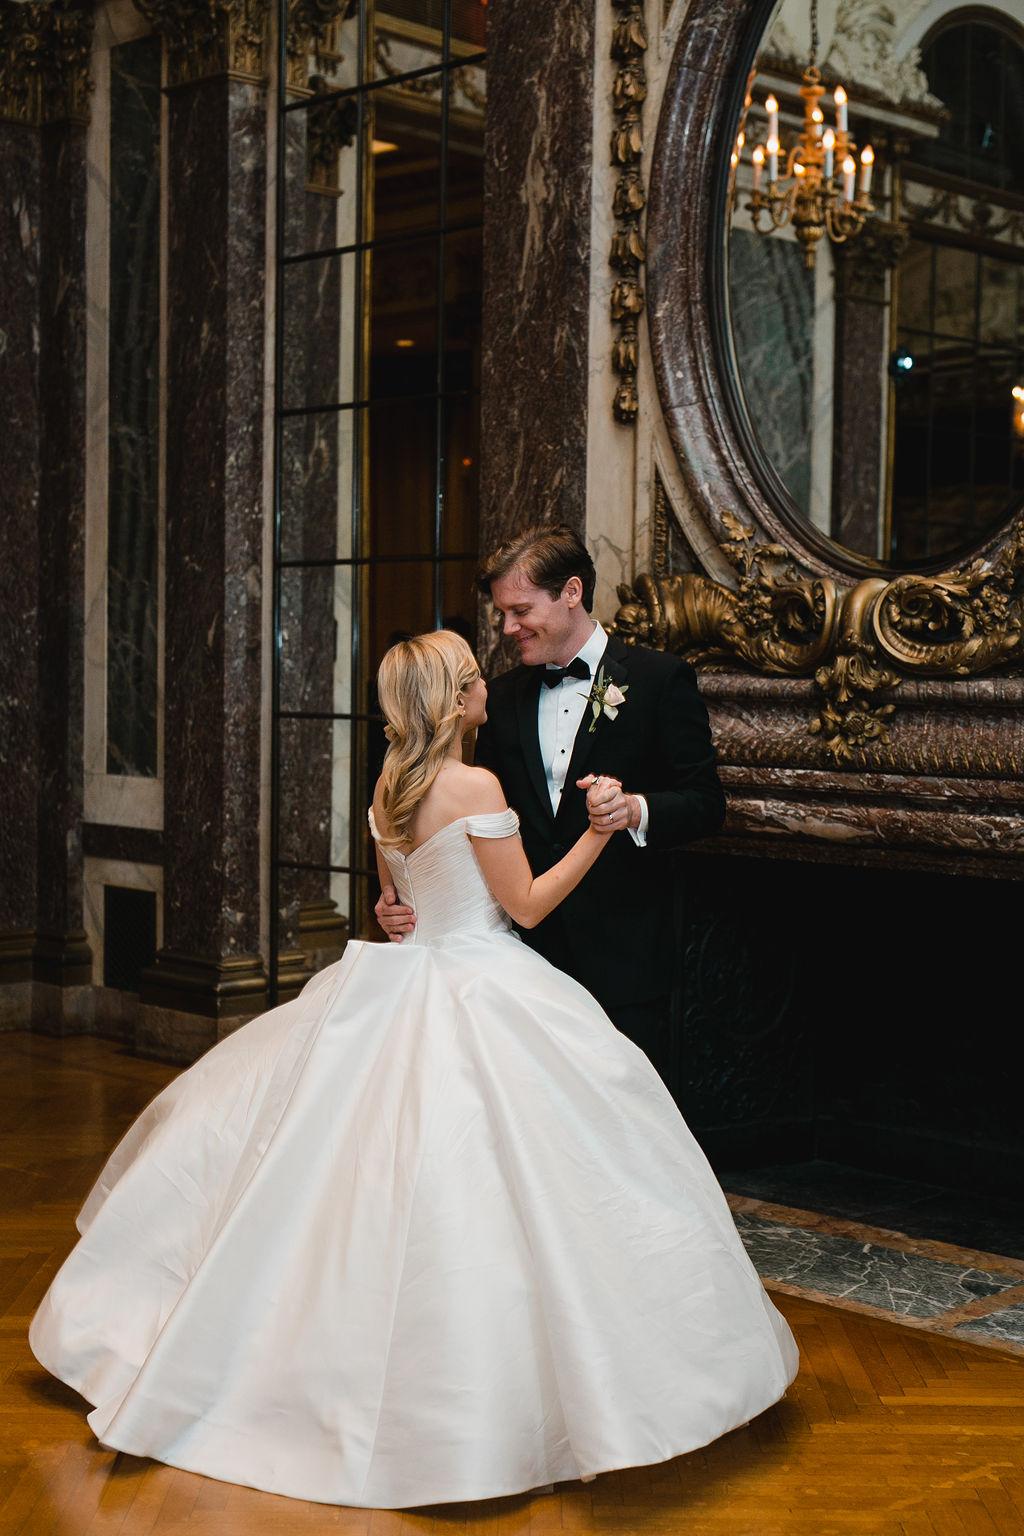 619_alex+kyle_wedding_by_Amber_Marlow.jpg